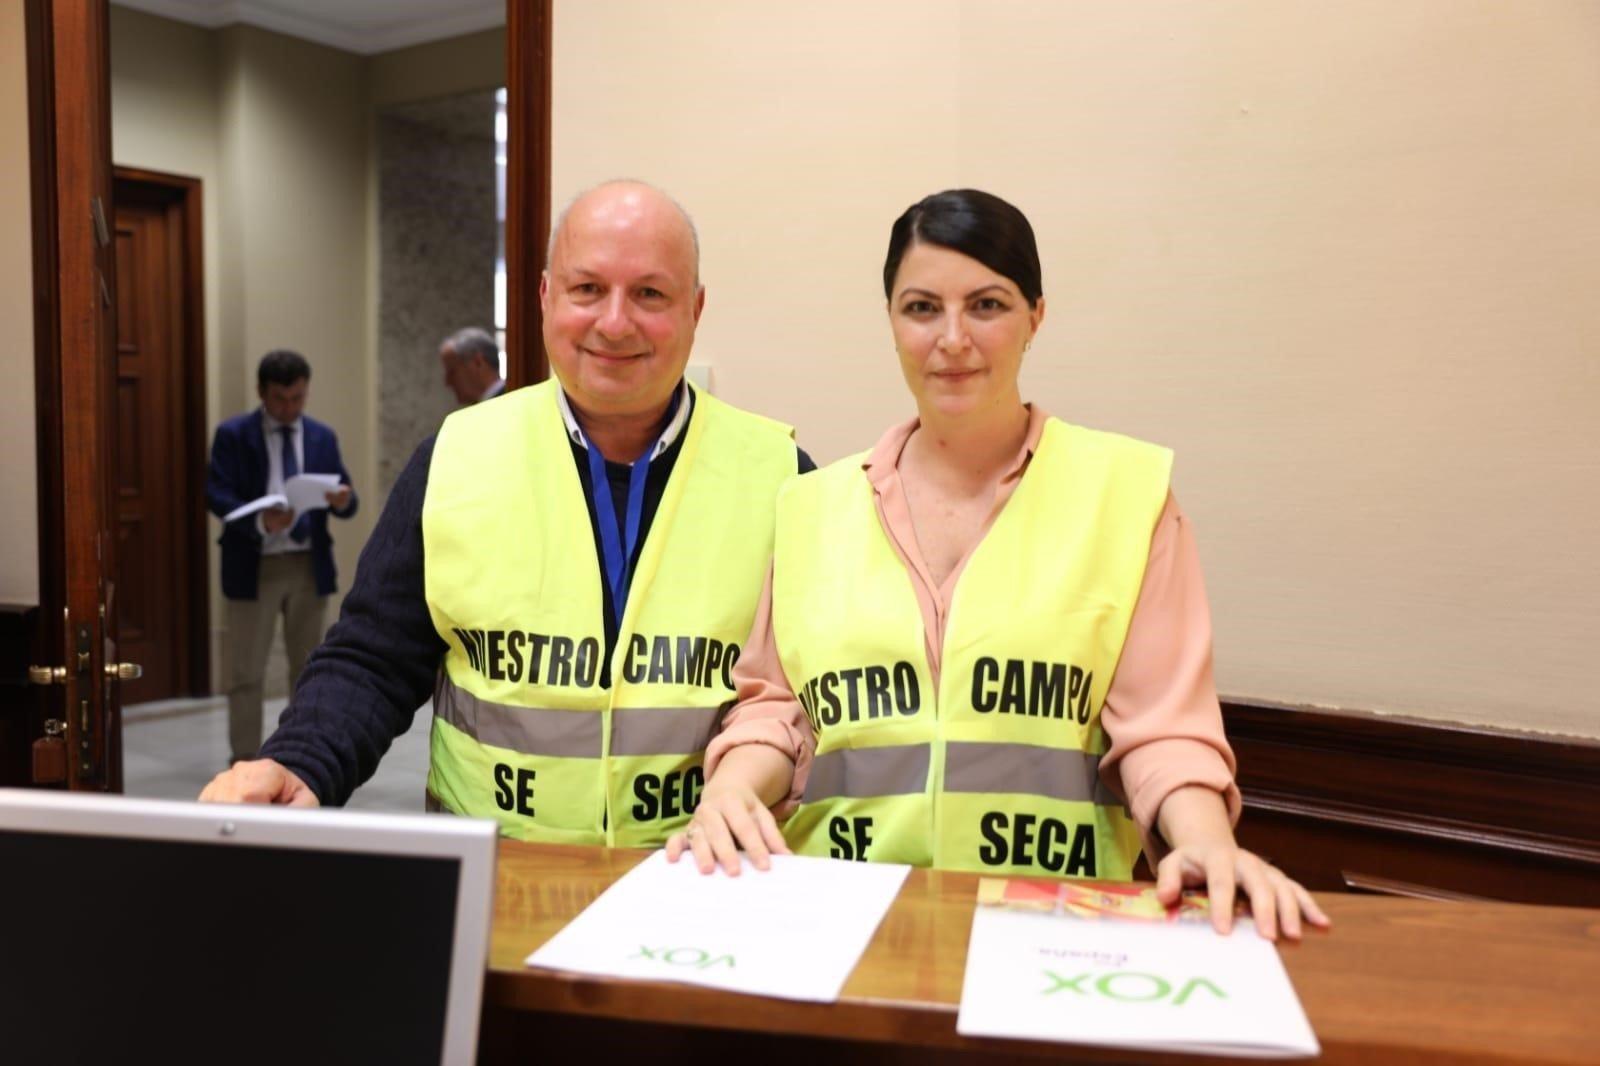 Manuel Martín es el único candidato a las primarias de Vox que logra los avales